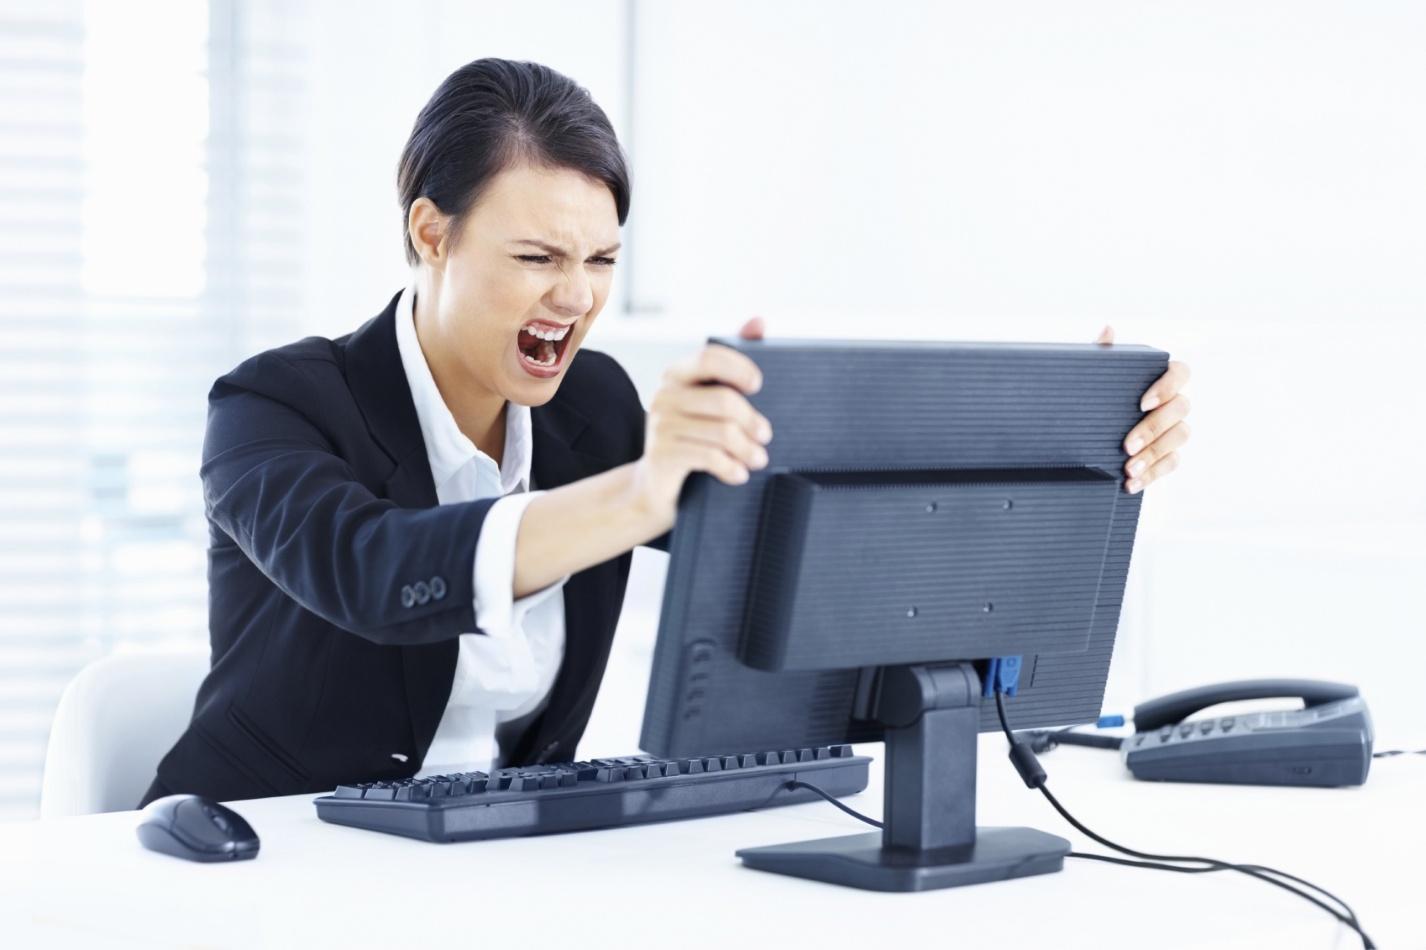 Tiện ích hơn với dịch vụ sửa chữa máy tính tại nhà